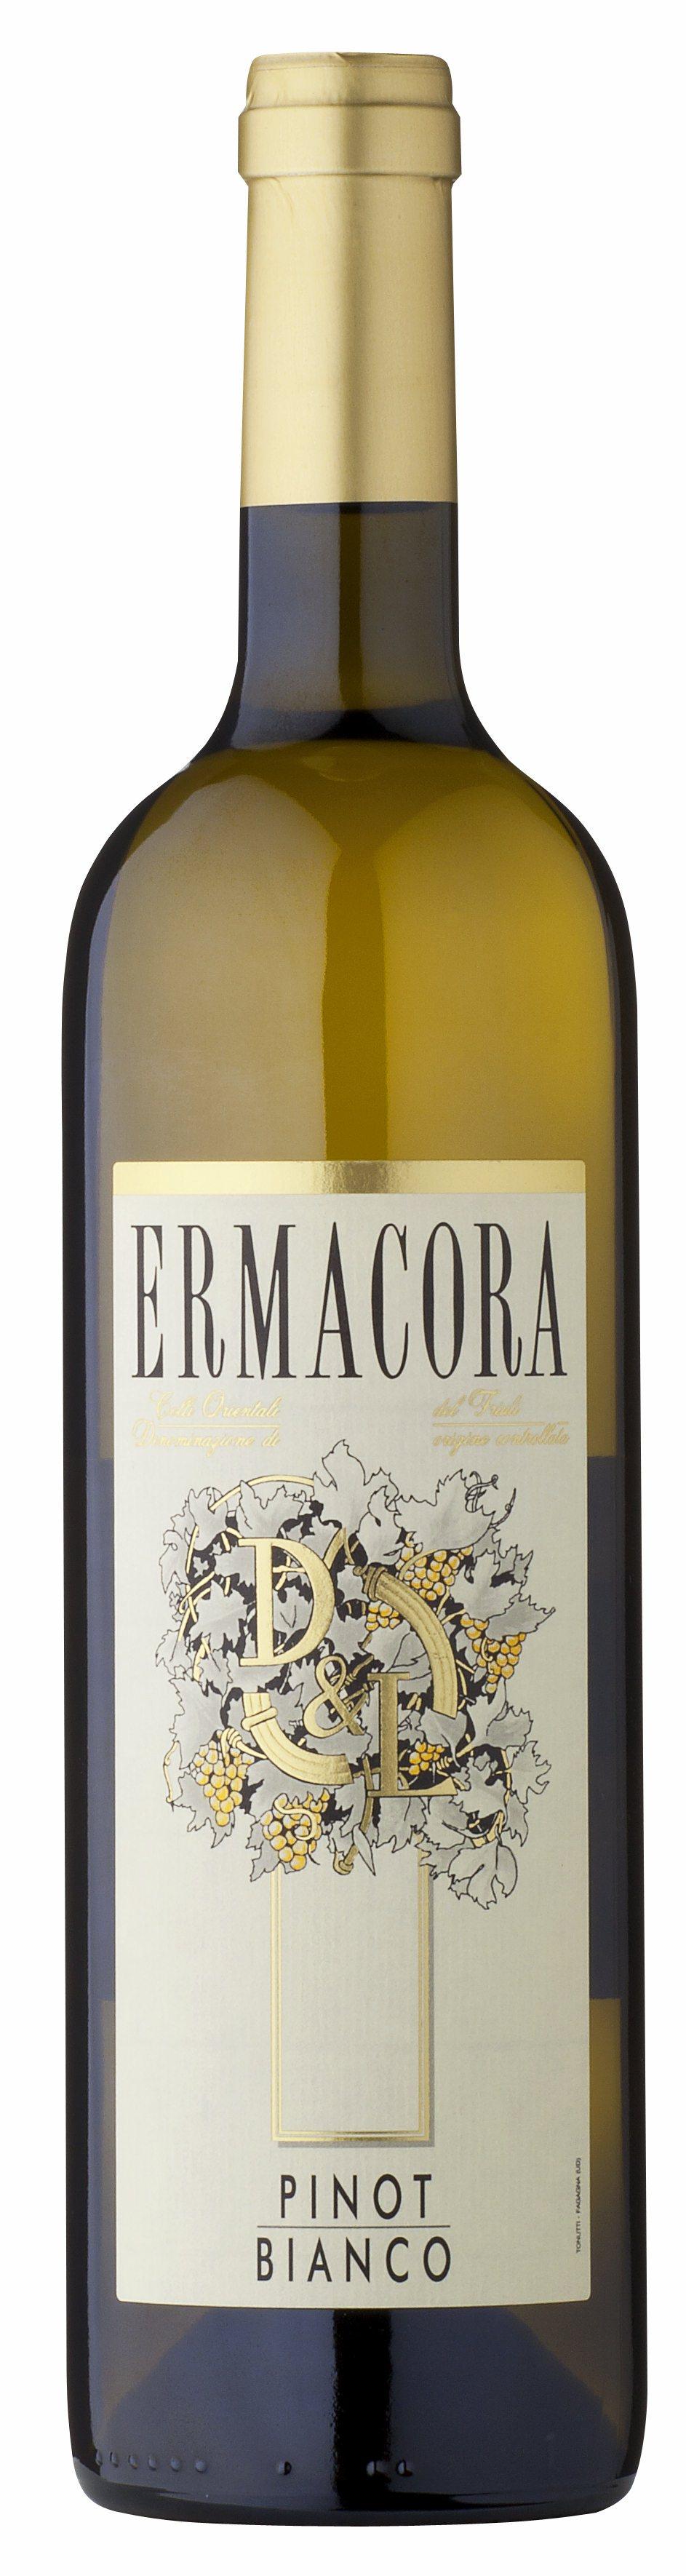 Pinot Bianco Colli Orientali del Friuli 2020 750 ML Ermacora